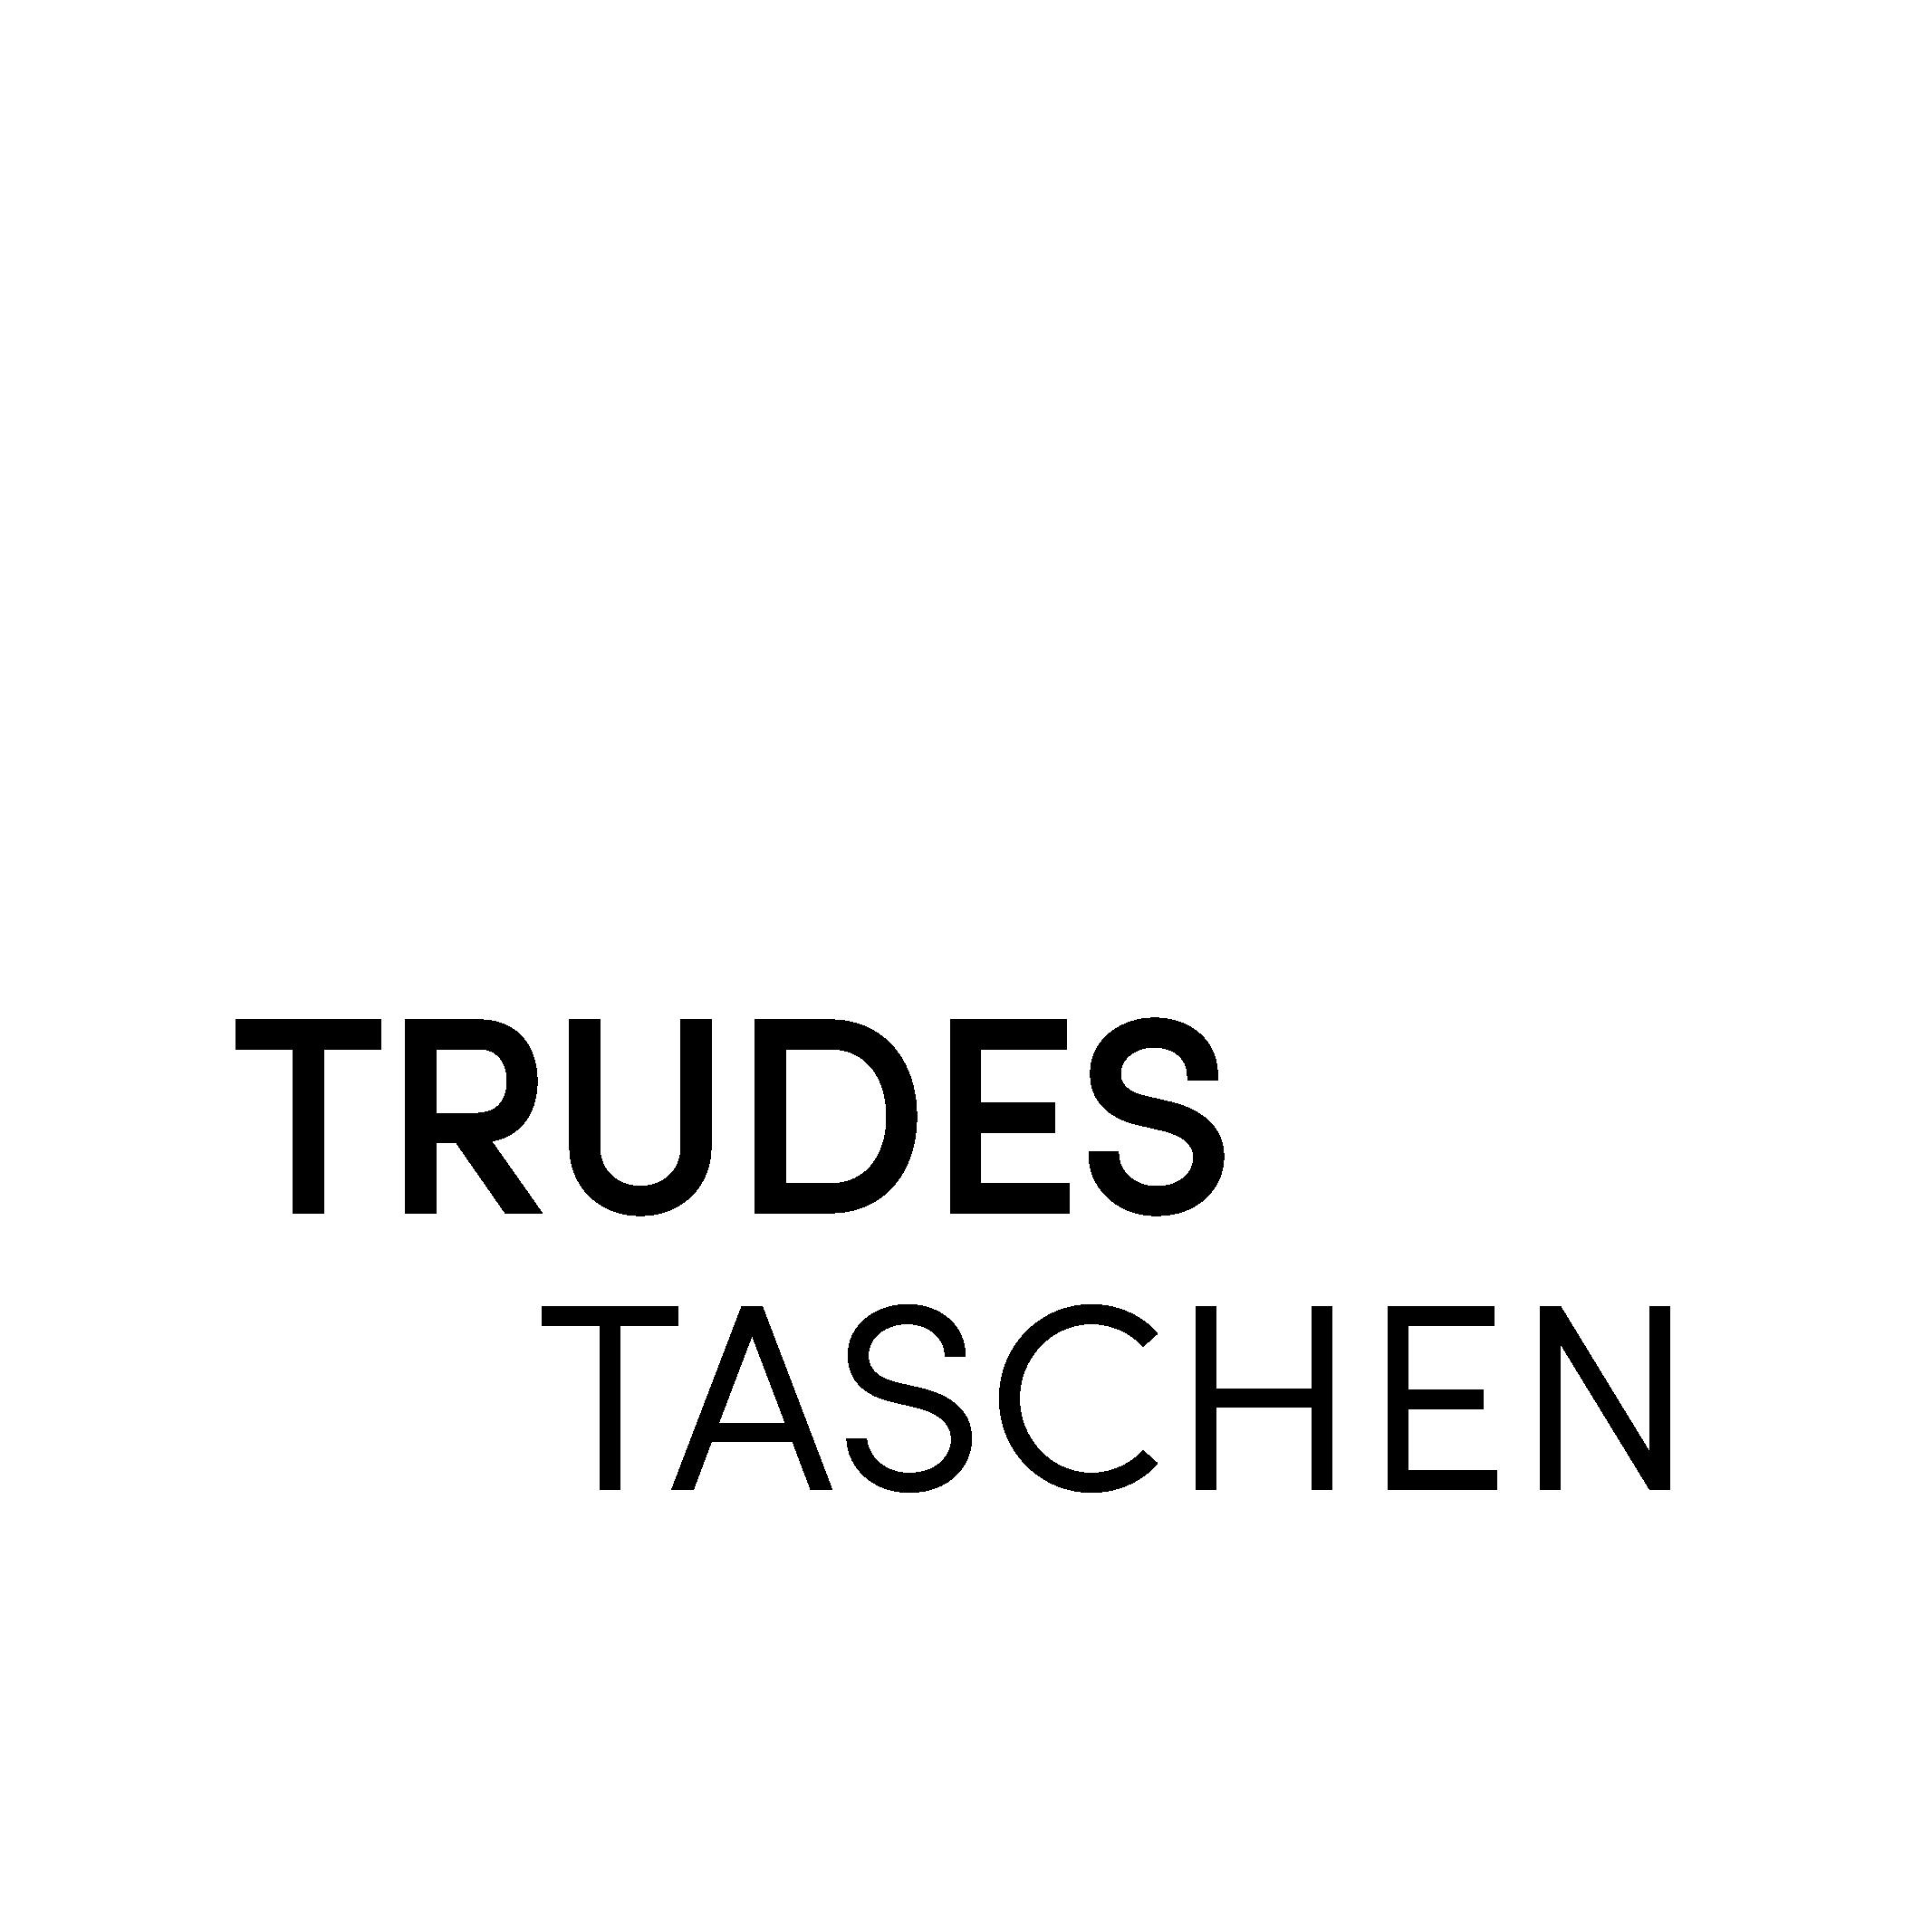 Trudes Taschen Schriftzug Startseite